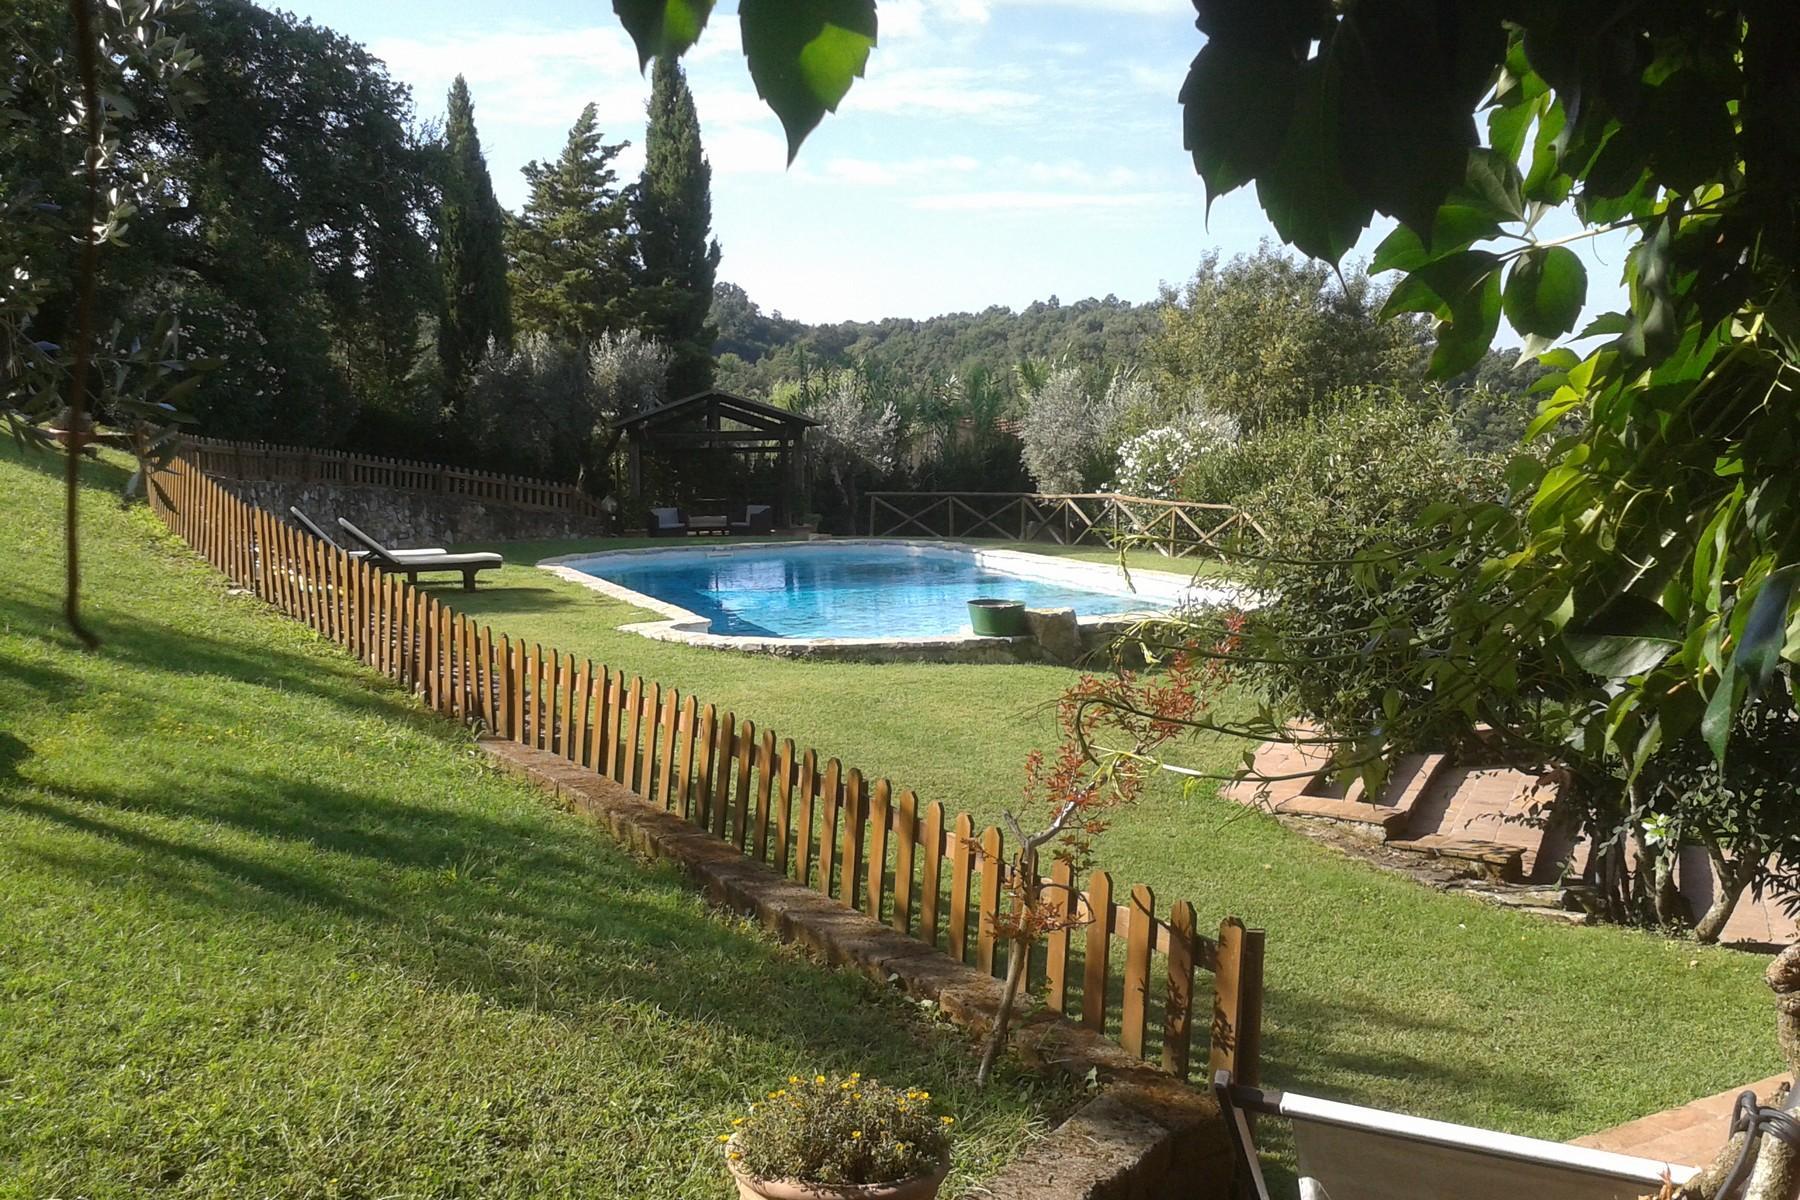 俯瞰Saturnia和周边优美景致的农舍且享有副楼 - 11